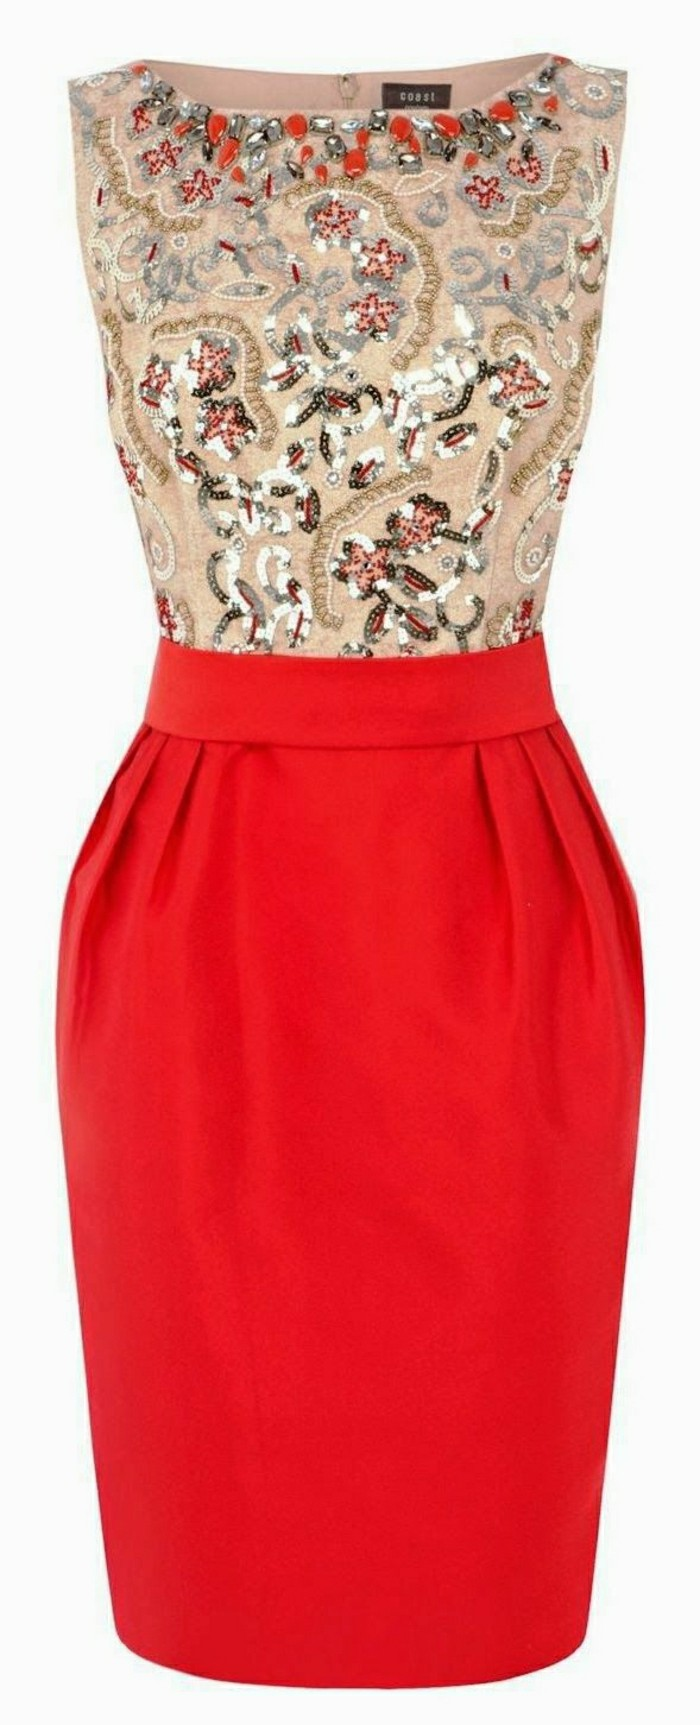 2-comment-choisir-la-meilleure-robe-habillée-pas-cher-robe-de-soire-pour-le-nouvel-an